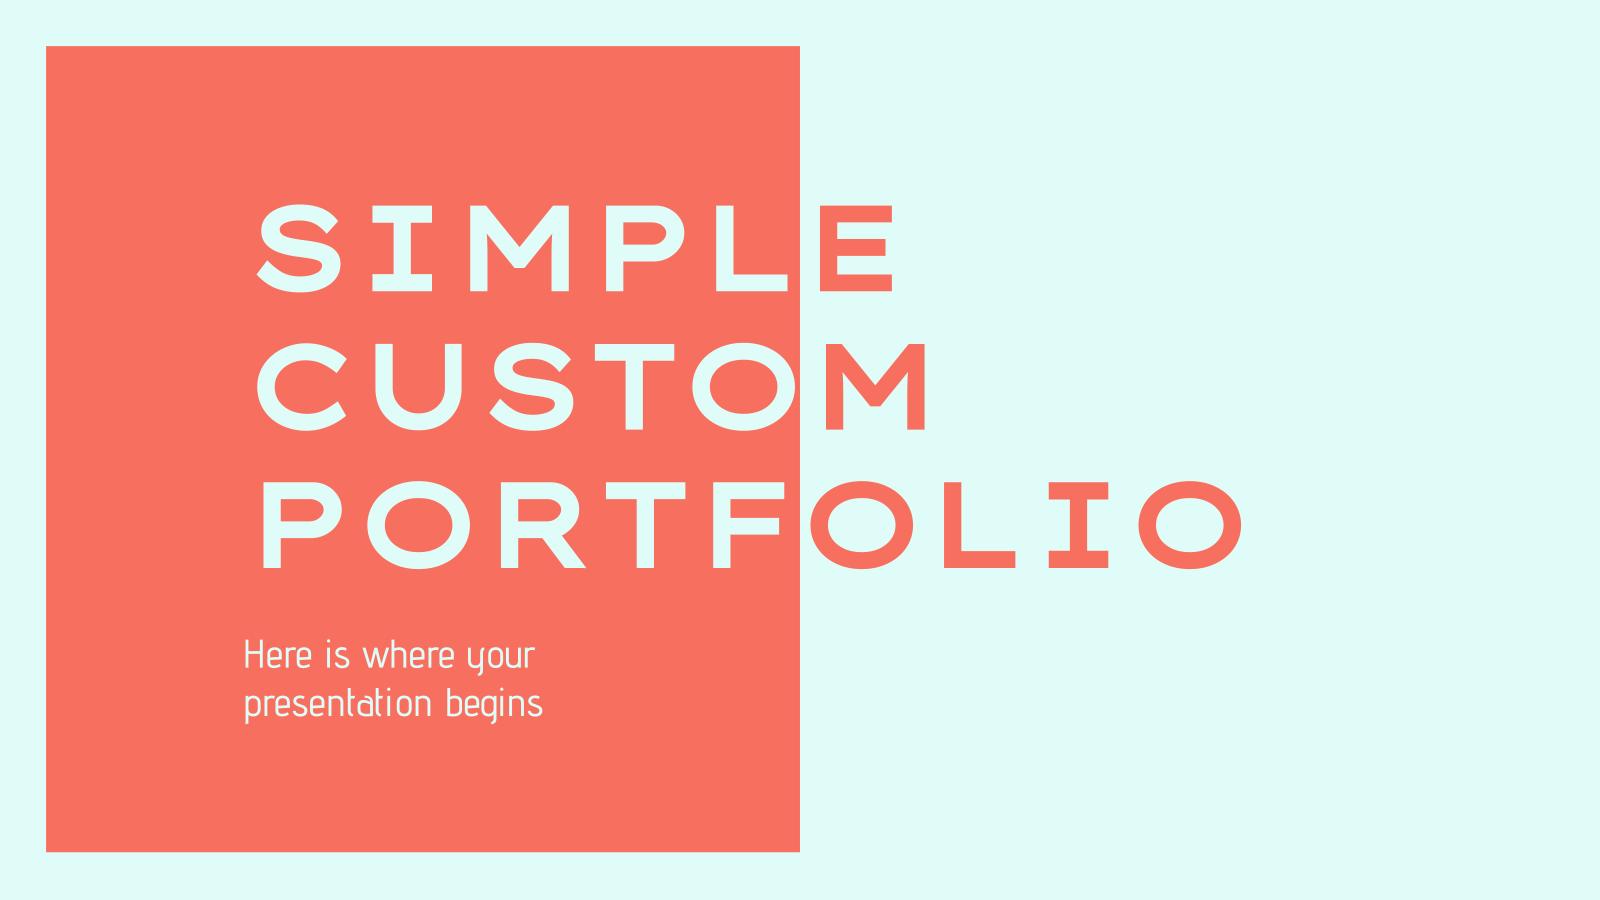 Plantilla de presentación Portafolio simple y personalizado